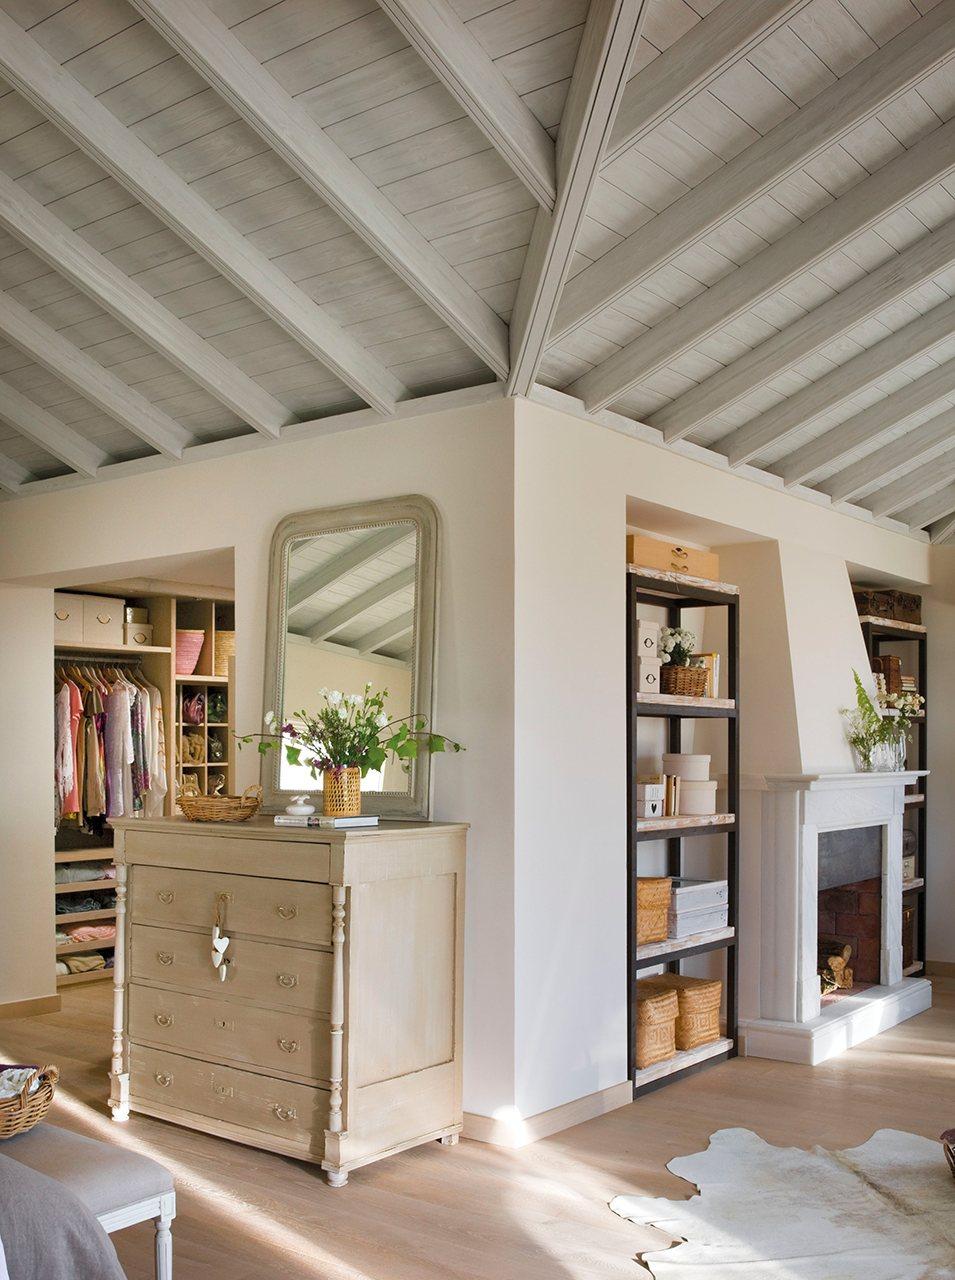 Zona de vestidor y chimenea en dormitorio con techo abuhardillado. Mucho almacenaje